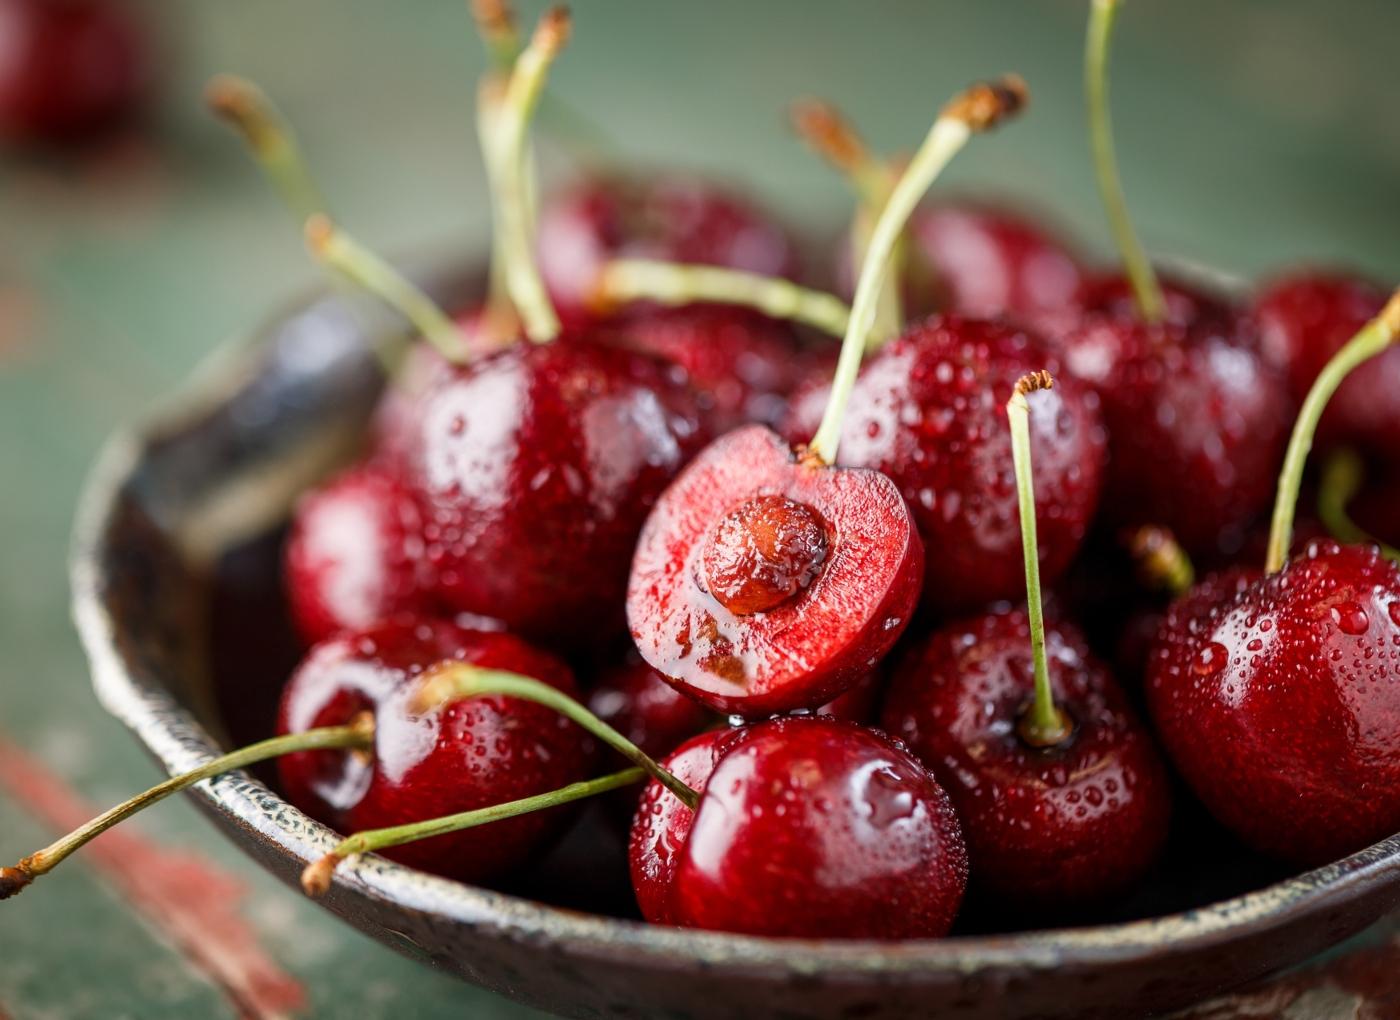 Conheça as frutas e legumes que causam gases